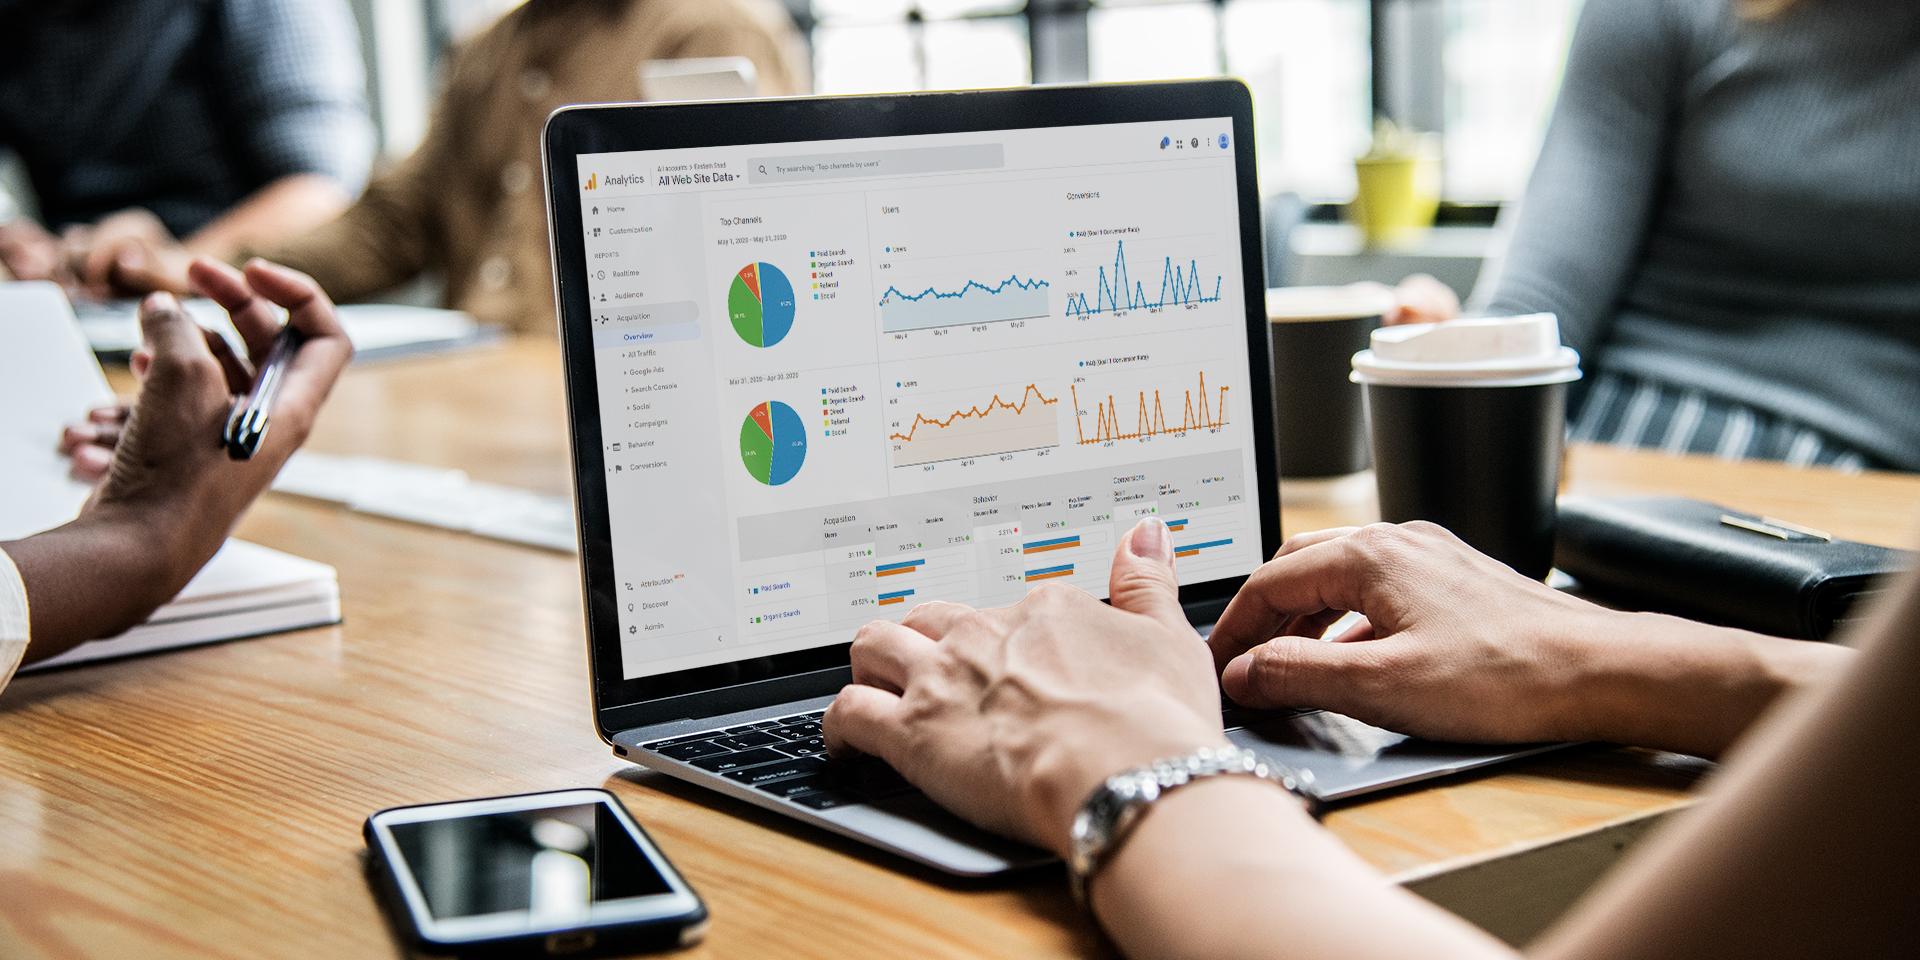 Data, Analytics, and Optimization